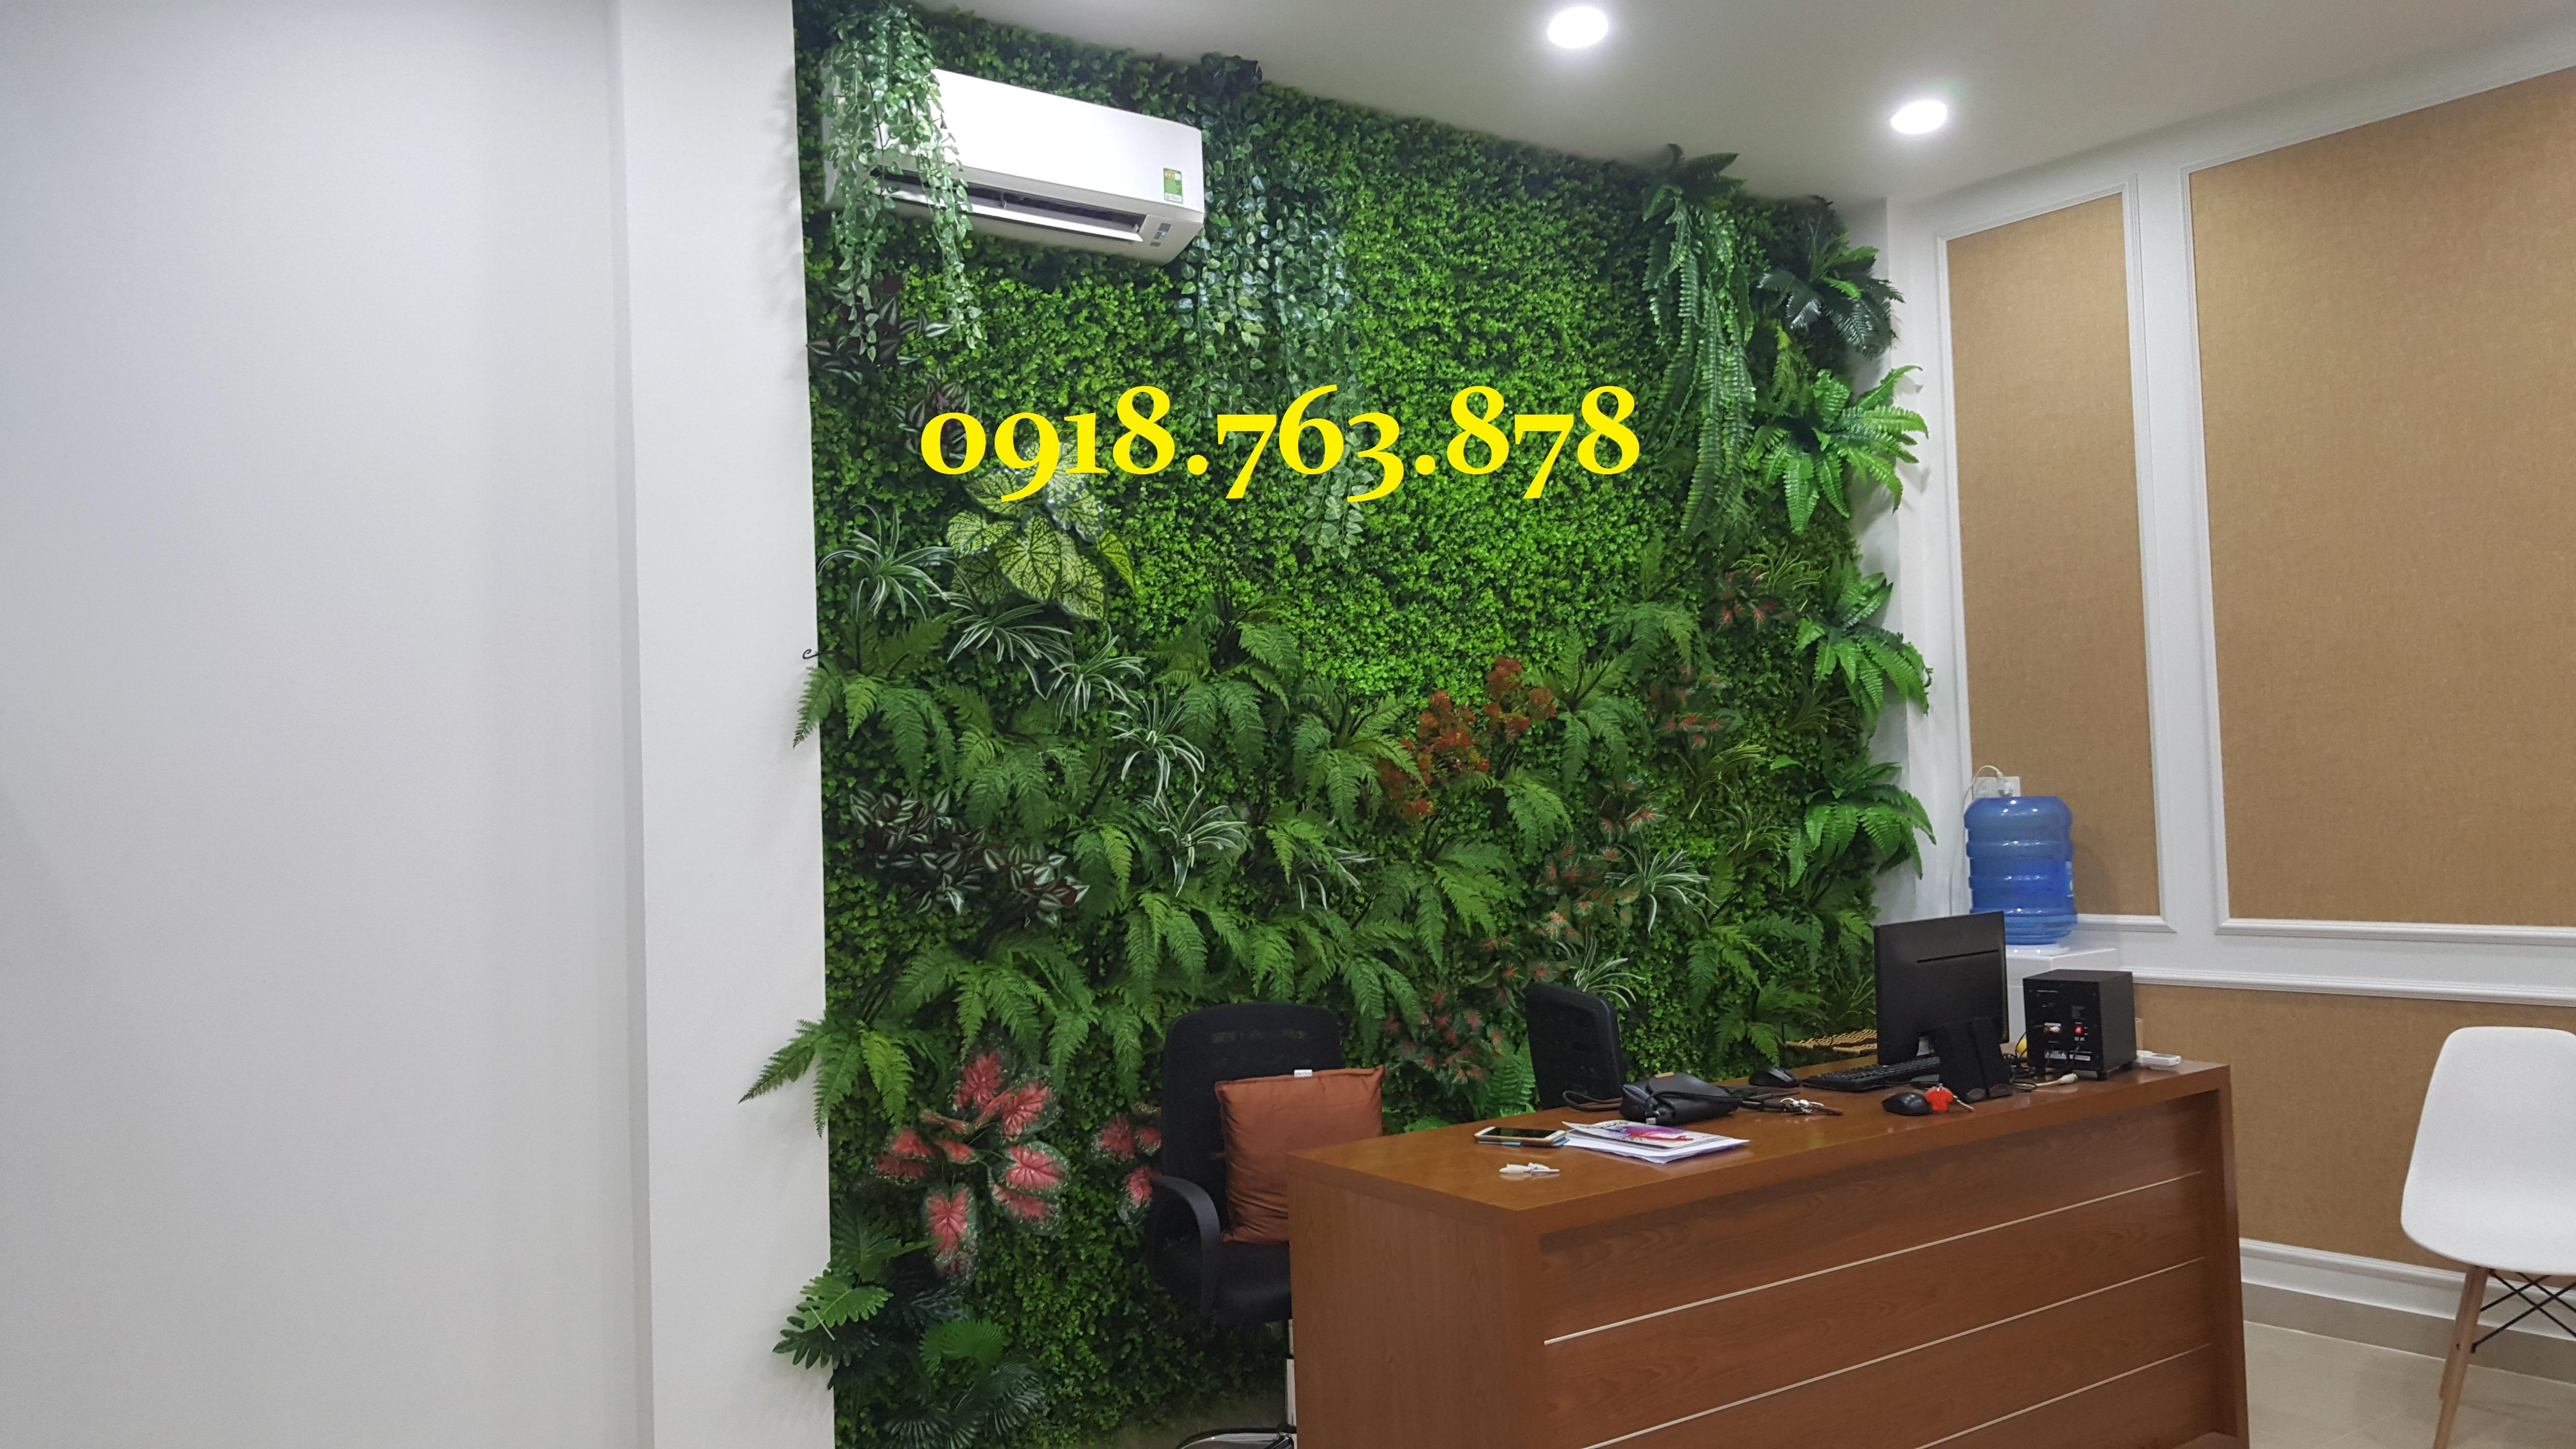 Thi công tường cây giả ở quận Tân Phú, q Tân Phú tphcm, hcm